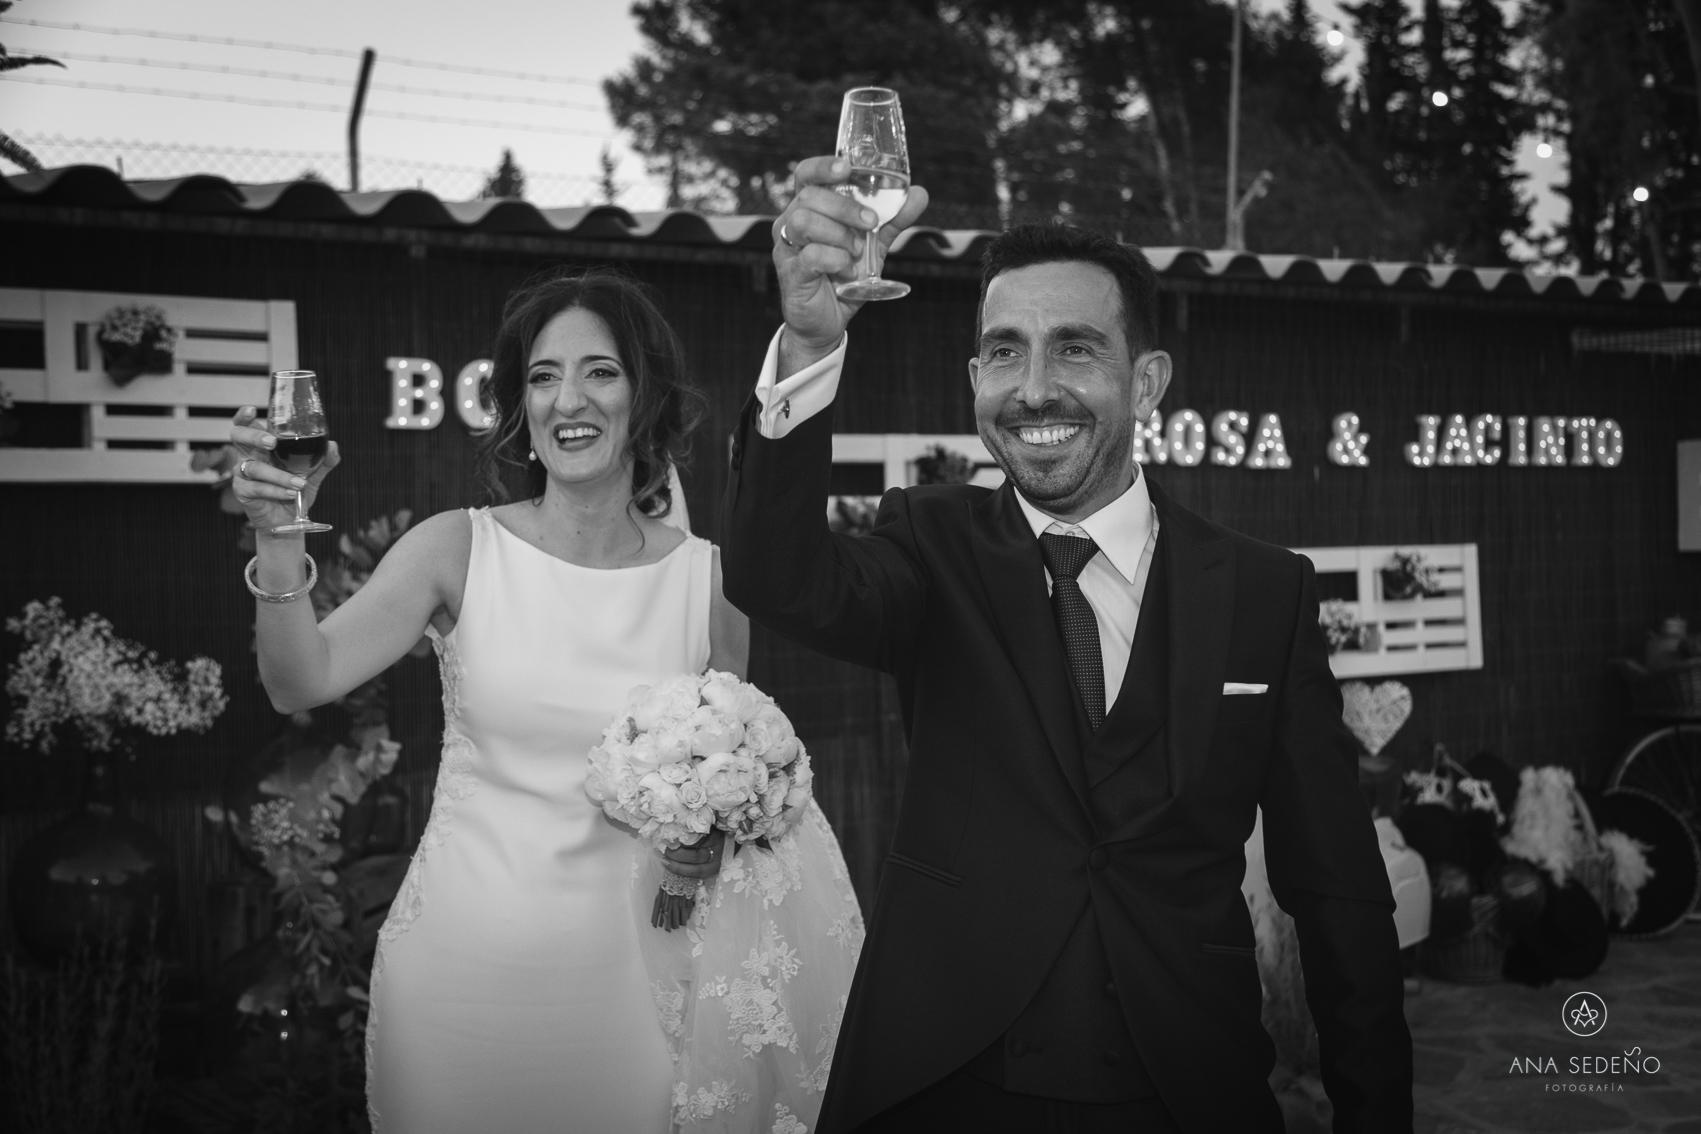 Ana Sedeño Fotografa.-128